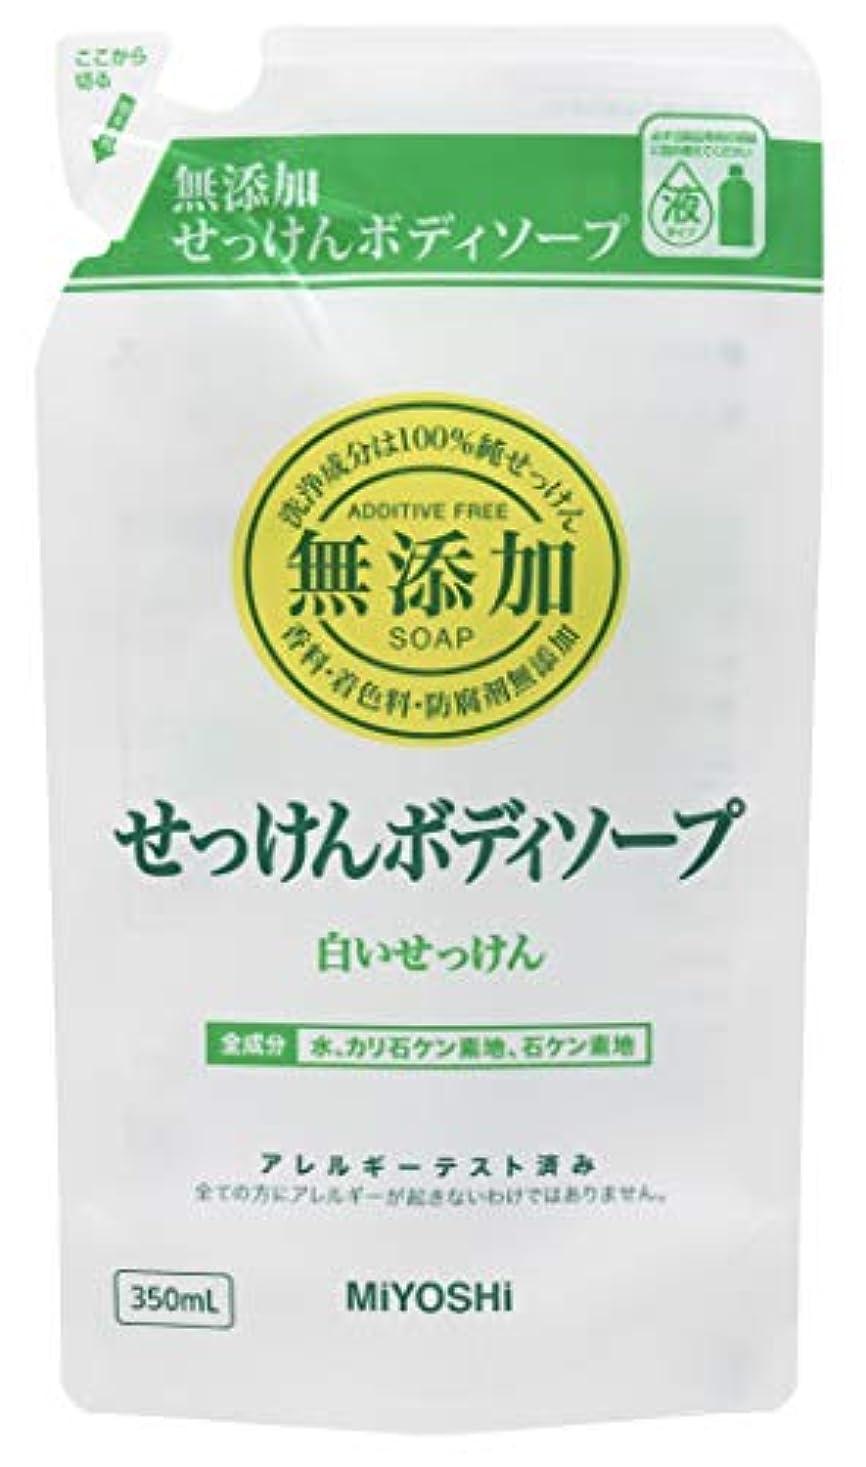 自殺バルク混合無添加ボディソープ  白いせっけん リフィル 350ml